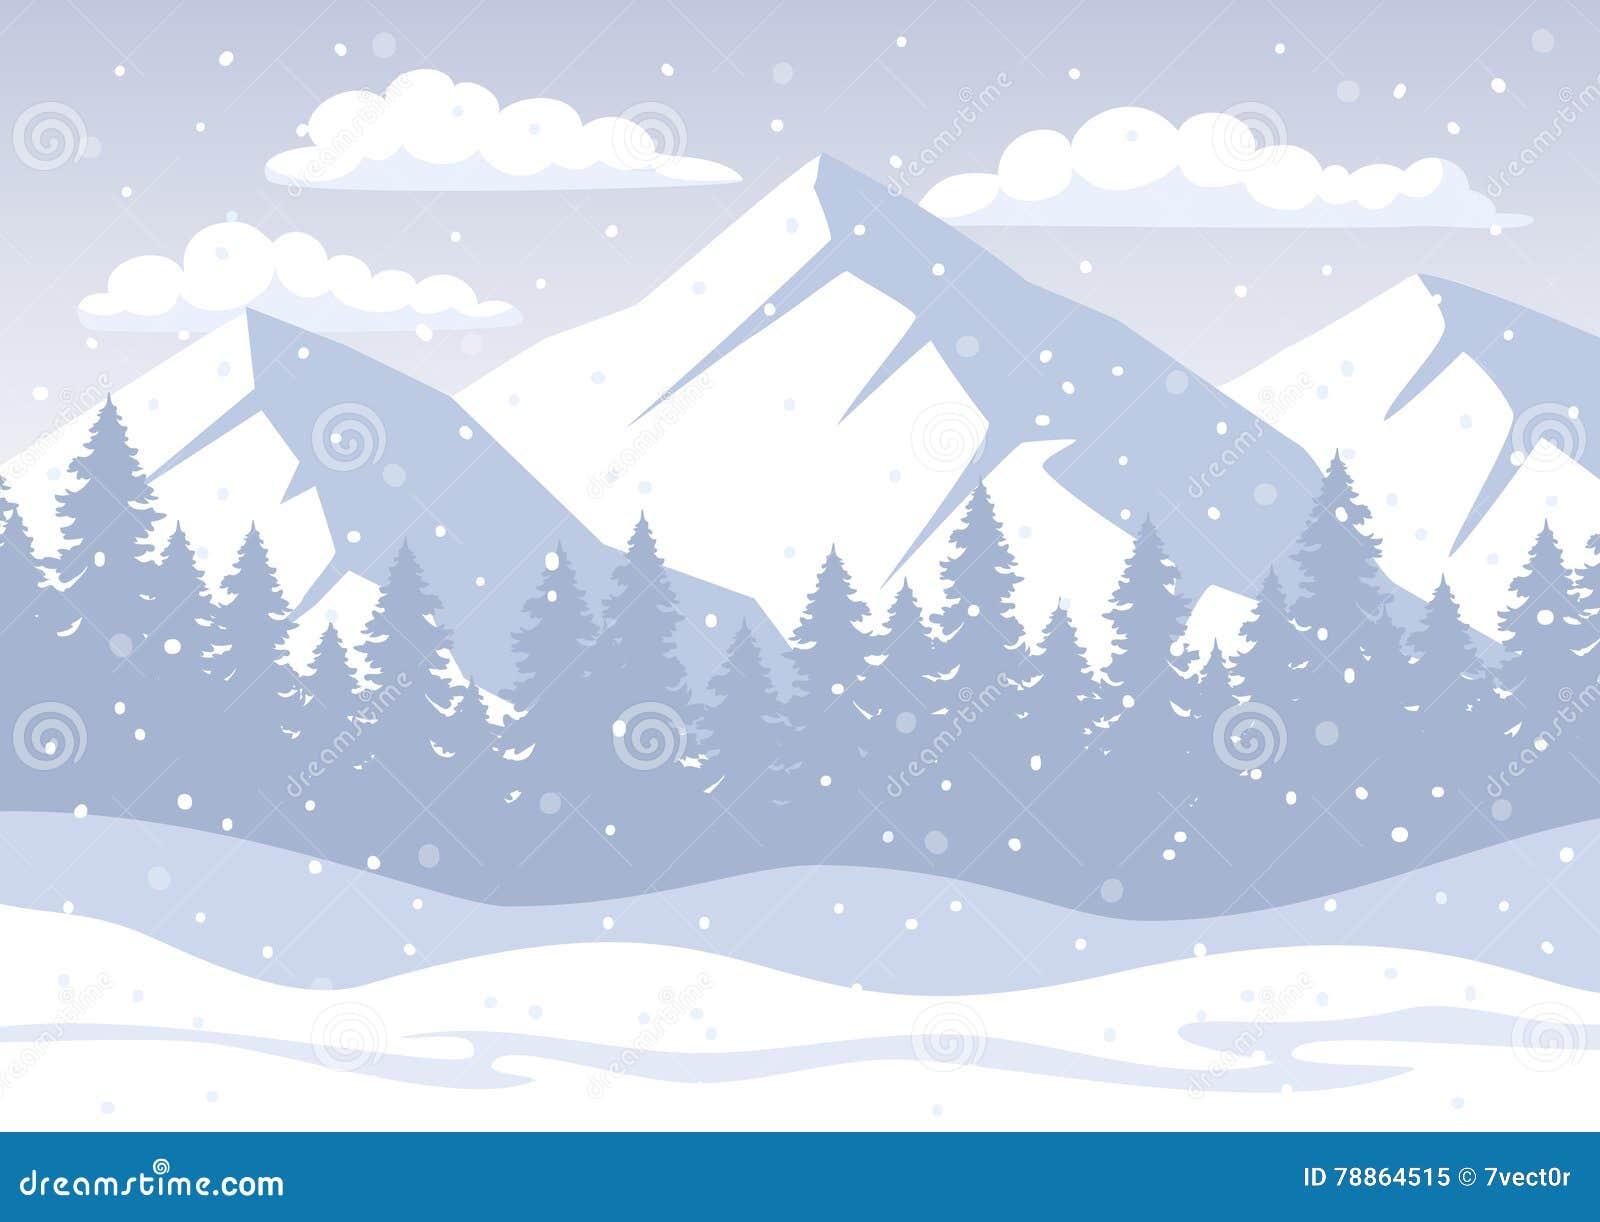 Winter-Hintergrund der weißen Weihnacht mit felsigen Bergen, Kiefernwald, Schneehügel, Schneeflocken